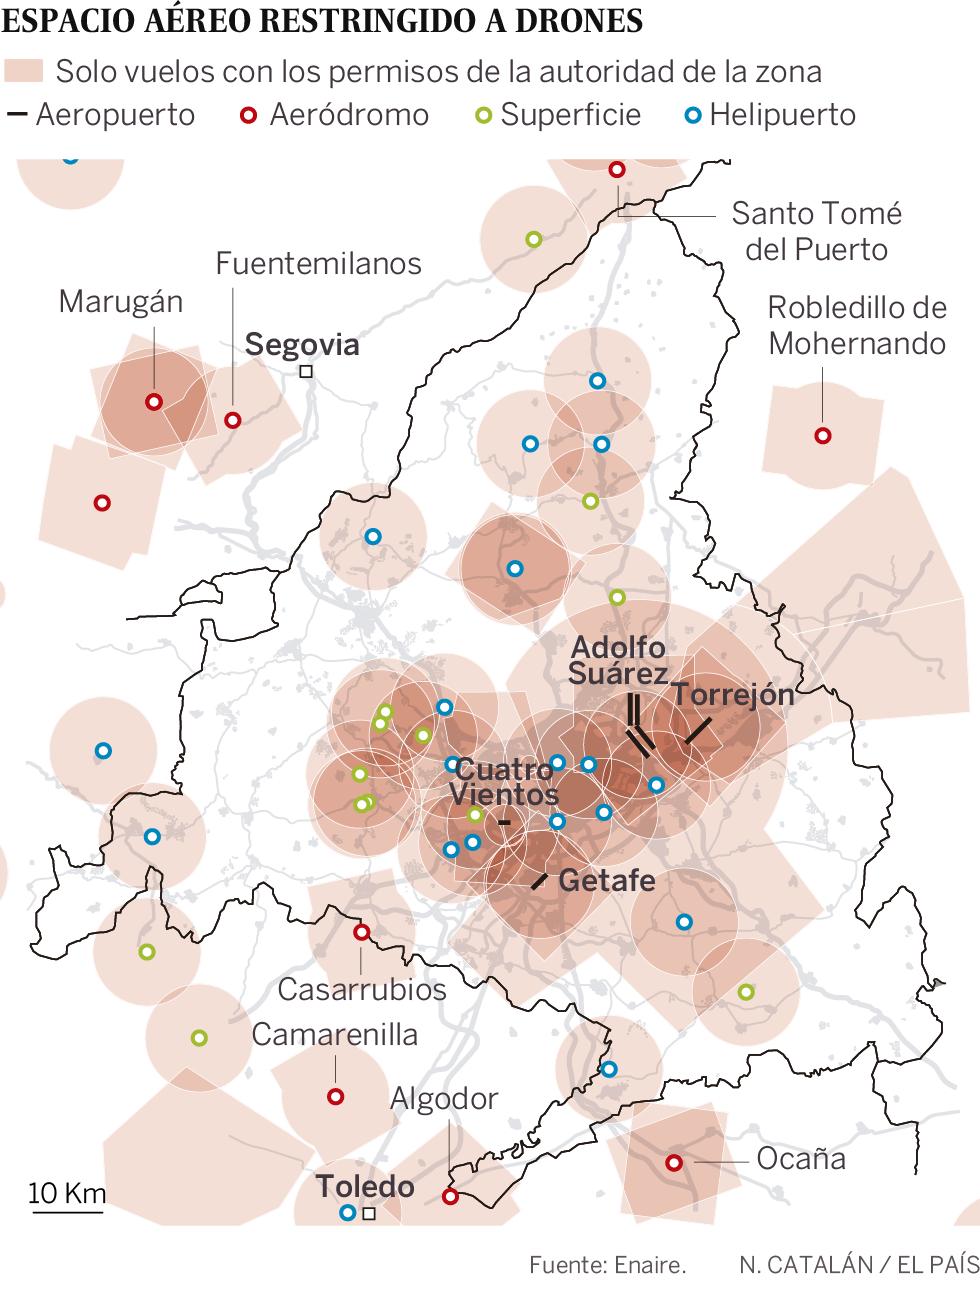 Volar un dron resulta (casi) imposible en la Comunidad de Madrid